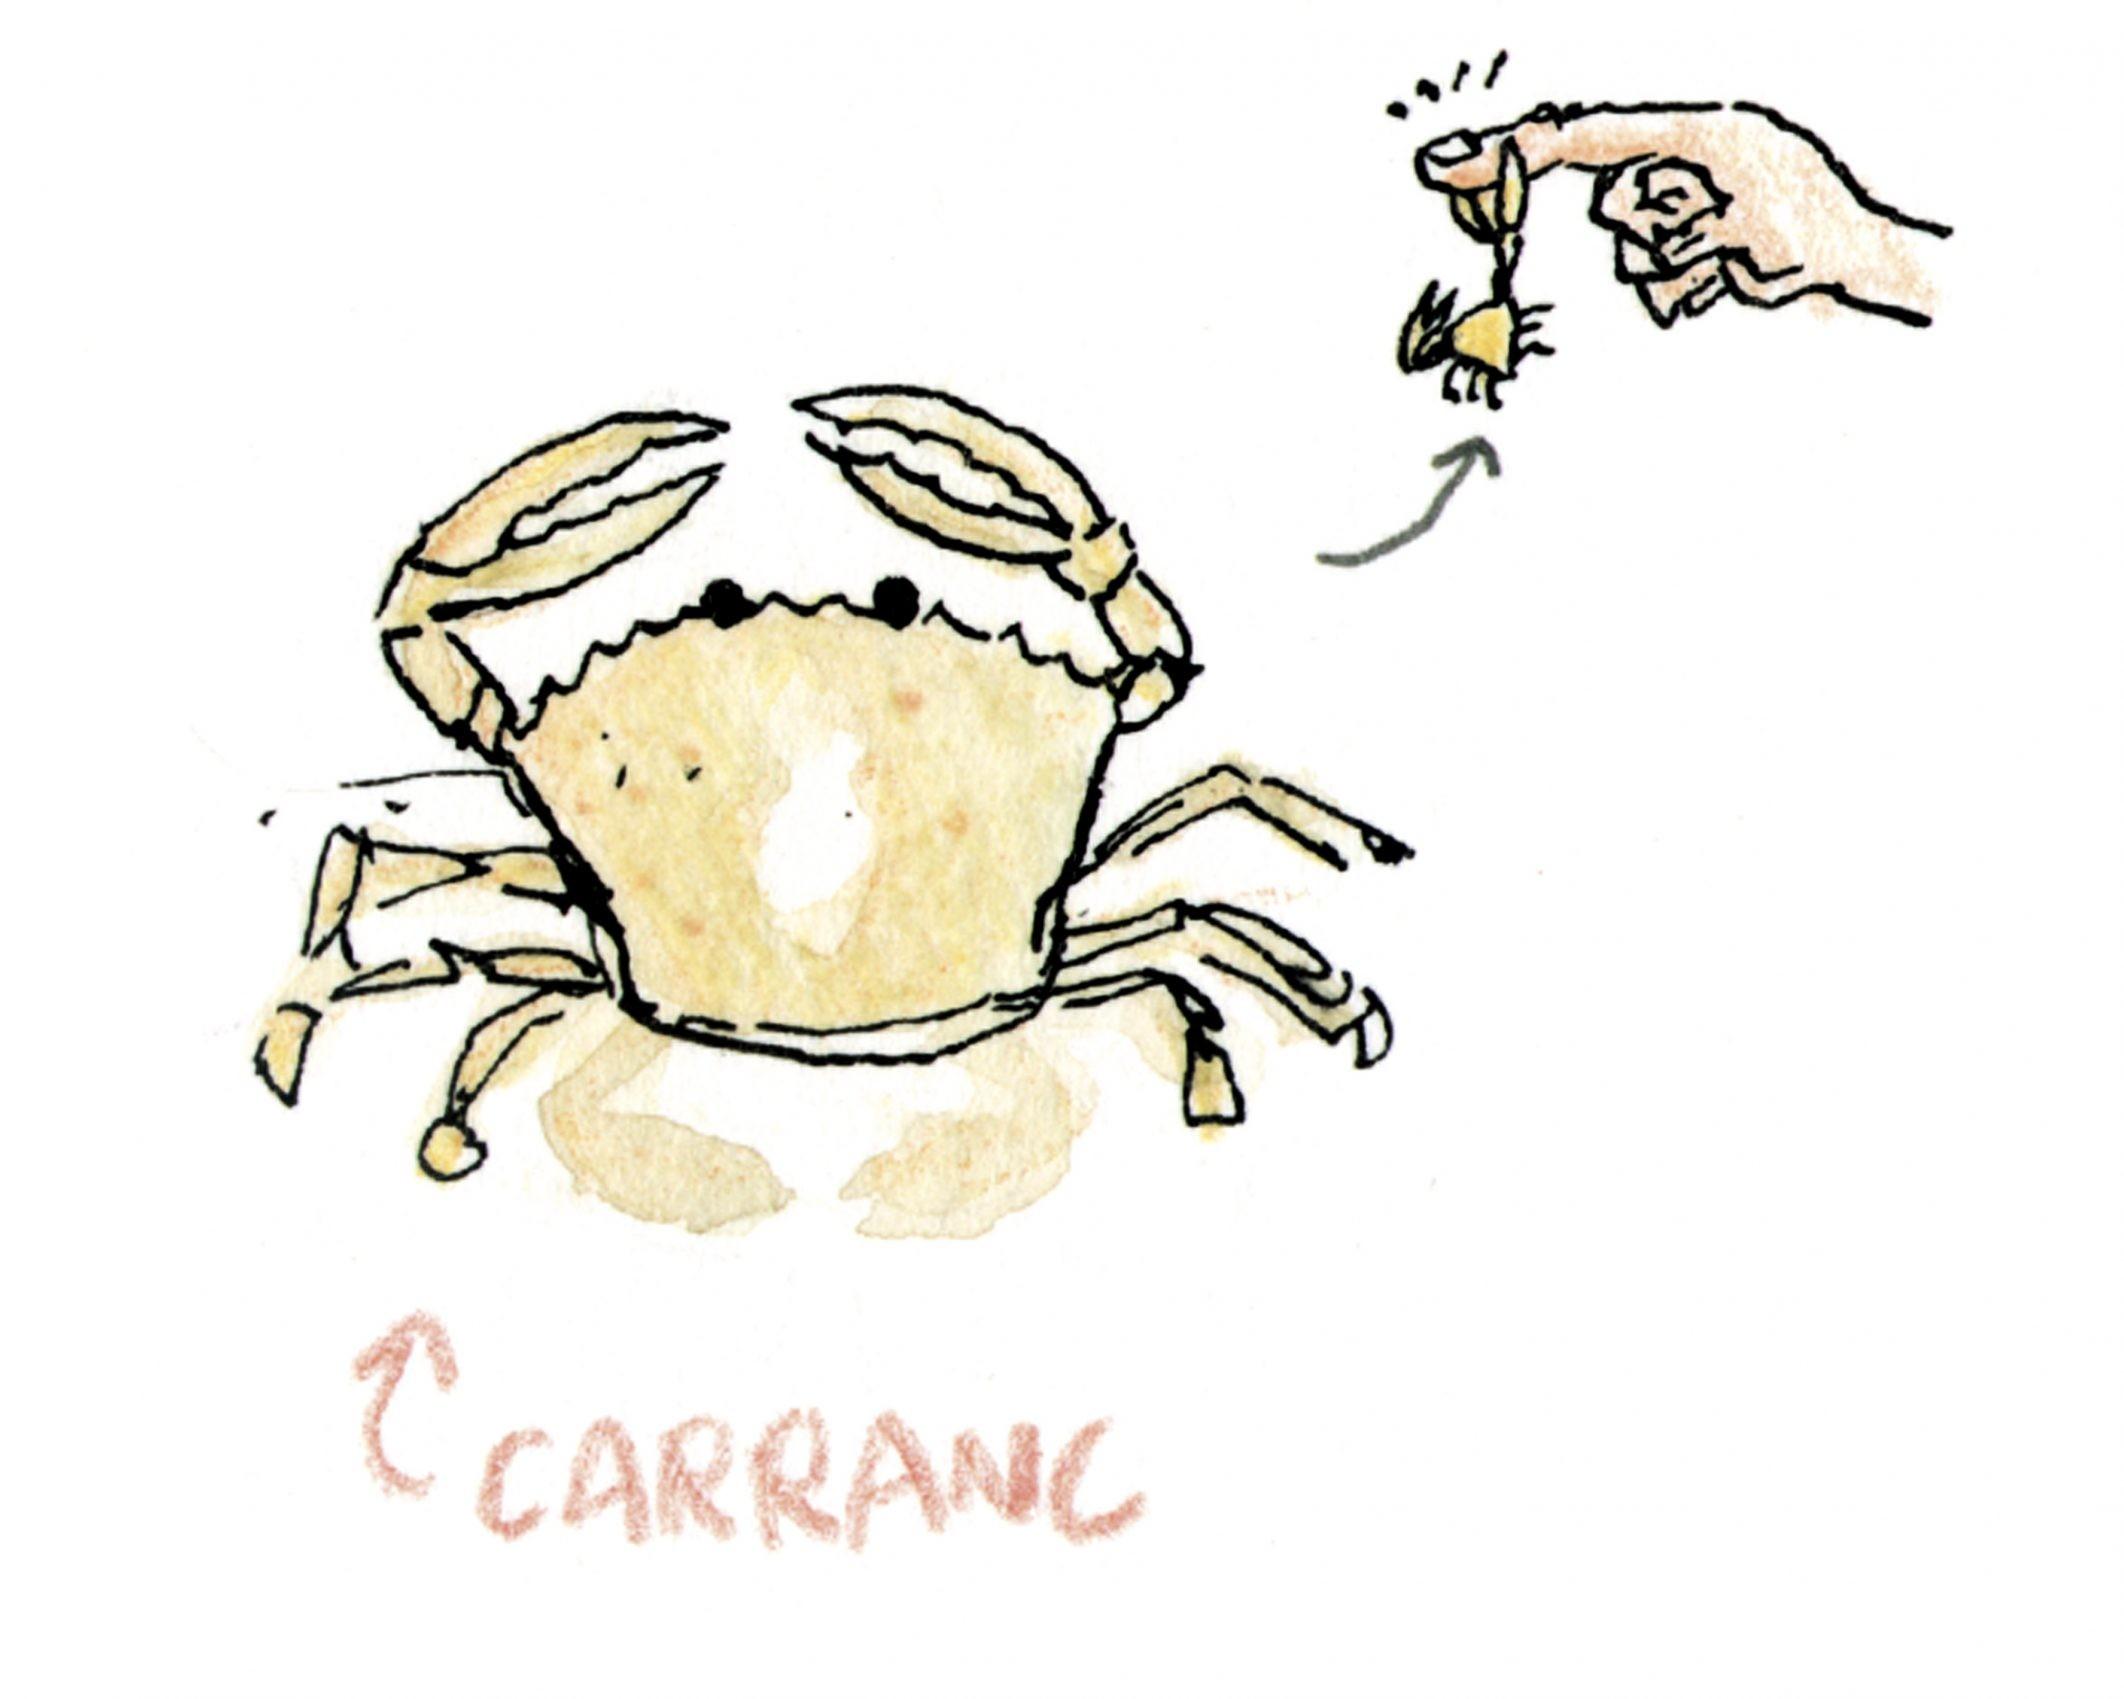 Lámina con una ilustración en tinta y acuarela sobre papel de un cangrejo de playa (Carranc en Valencia)